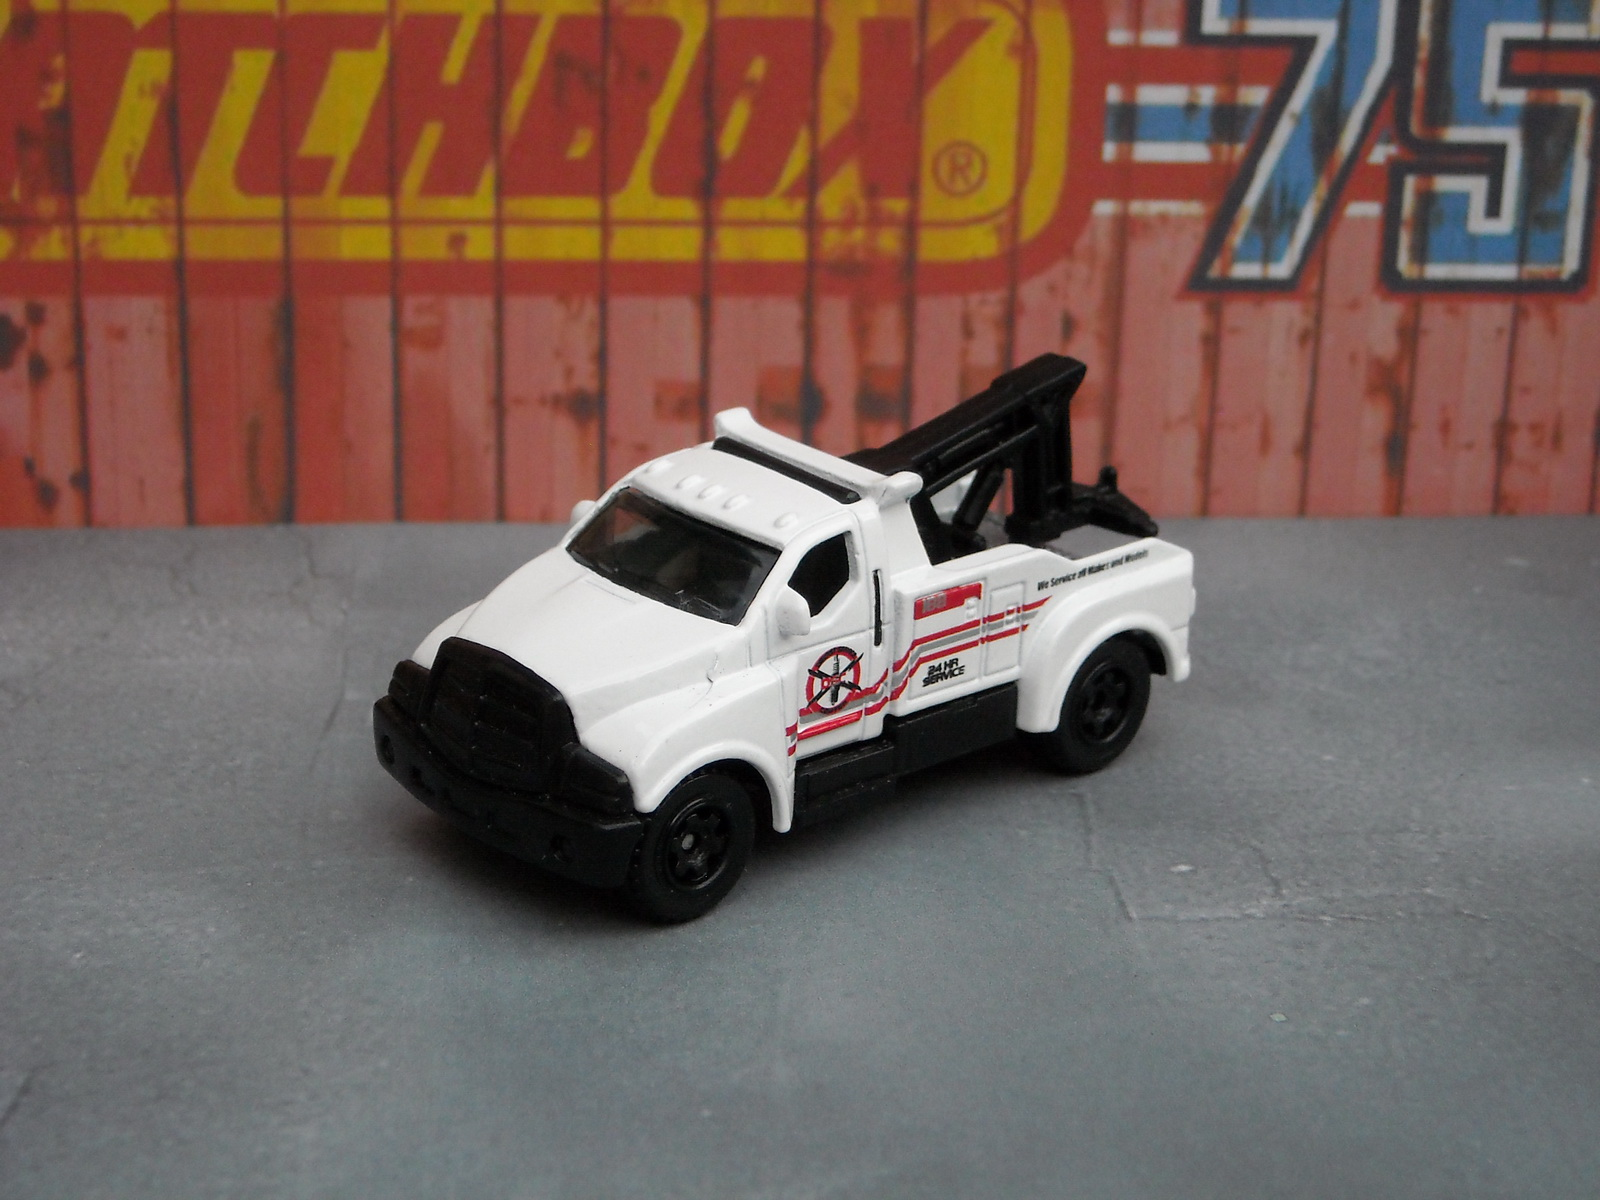 http://4.bp.blogspot.com/-lxqtgl5vfyE/Tkq3Itm1ysI/AAAAAAAADr0/JY9l29jOW44/s1600/matchbox_tow_truck_1.JPG